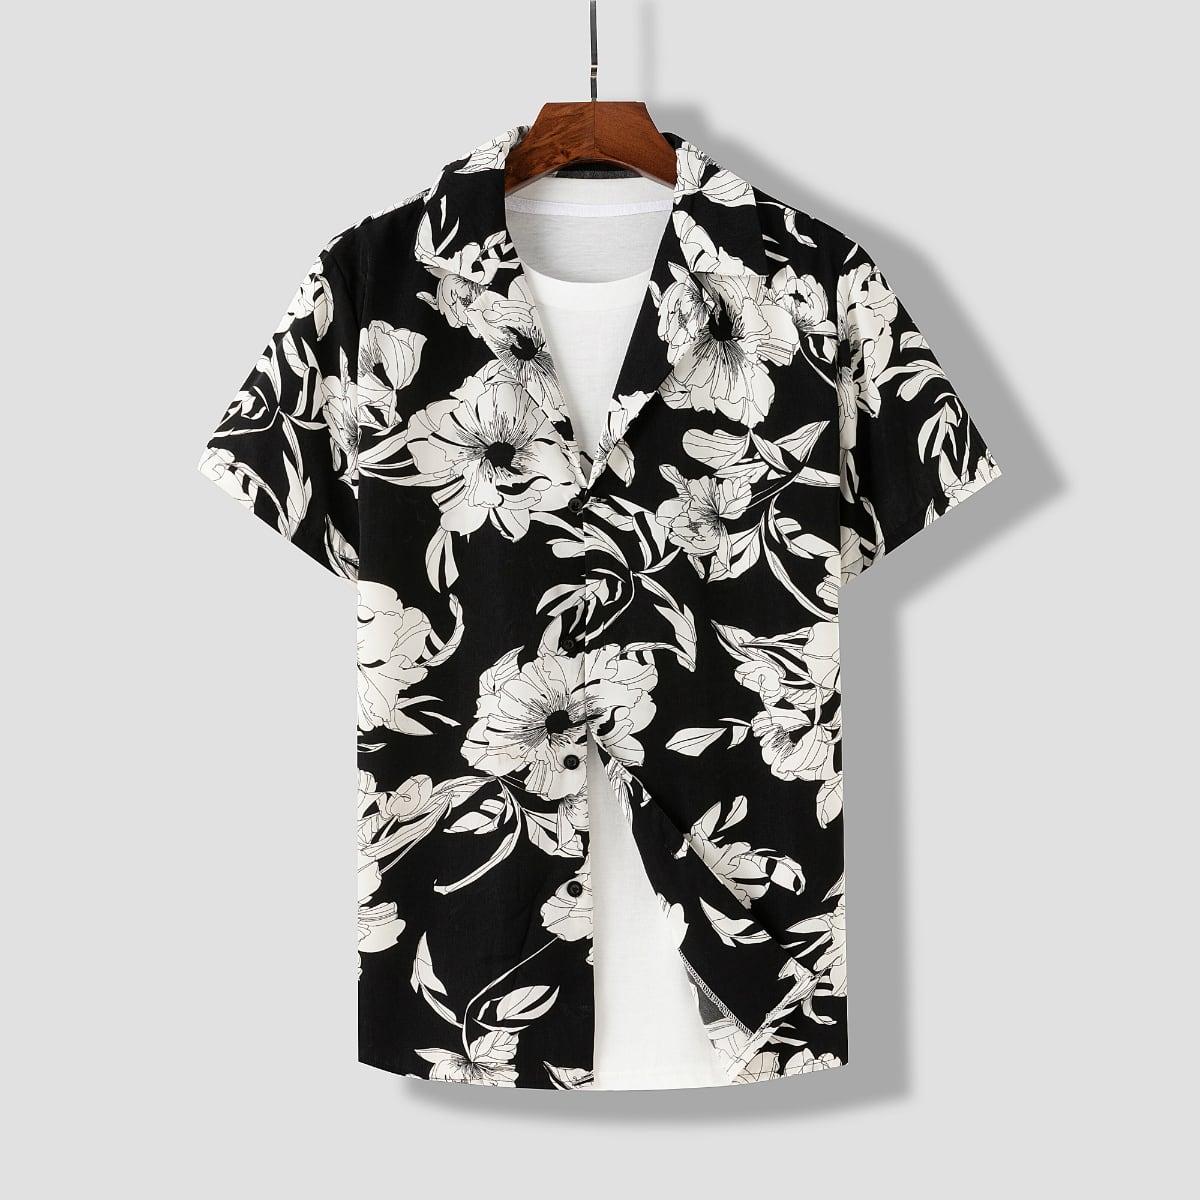 Мужская рубашка с цветочным принтом SheIn smshirt25210331410